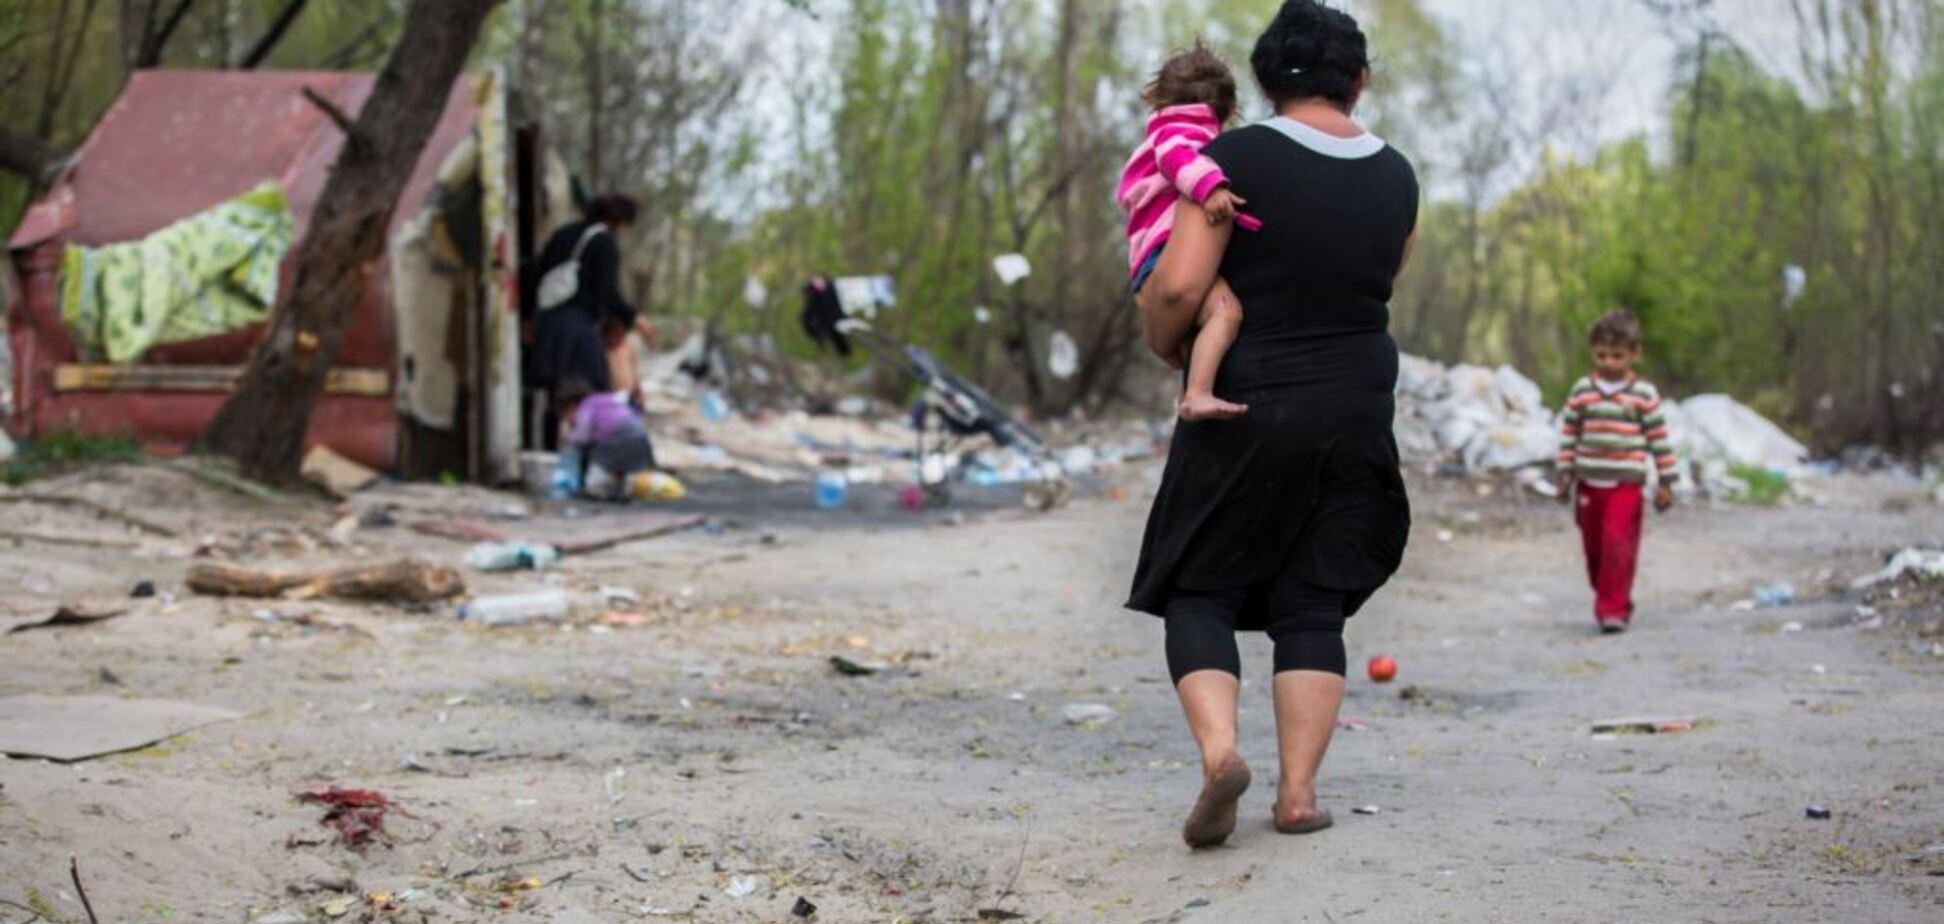 'Развалят бульдозером': ромы Киева заявили об угрозах от людей в форме